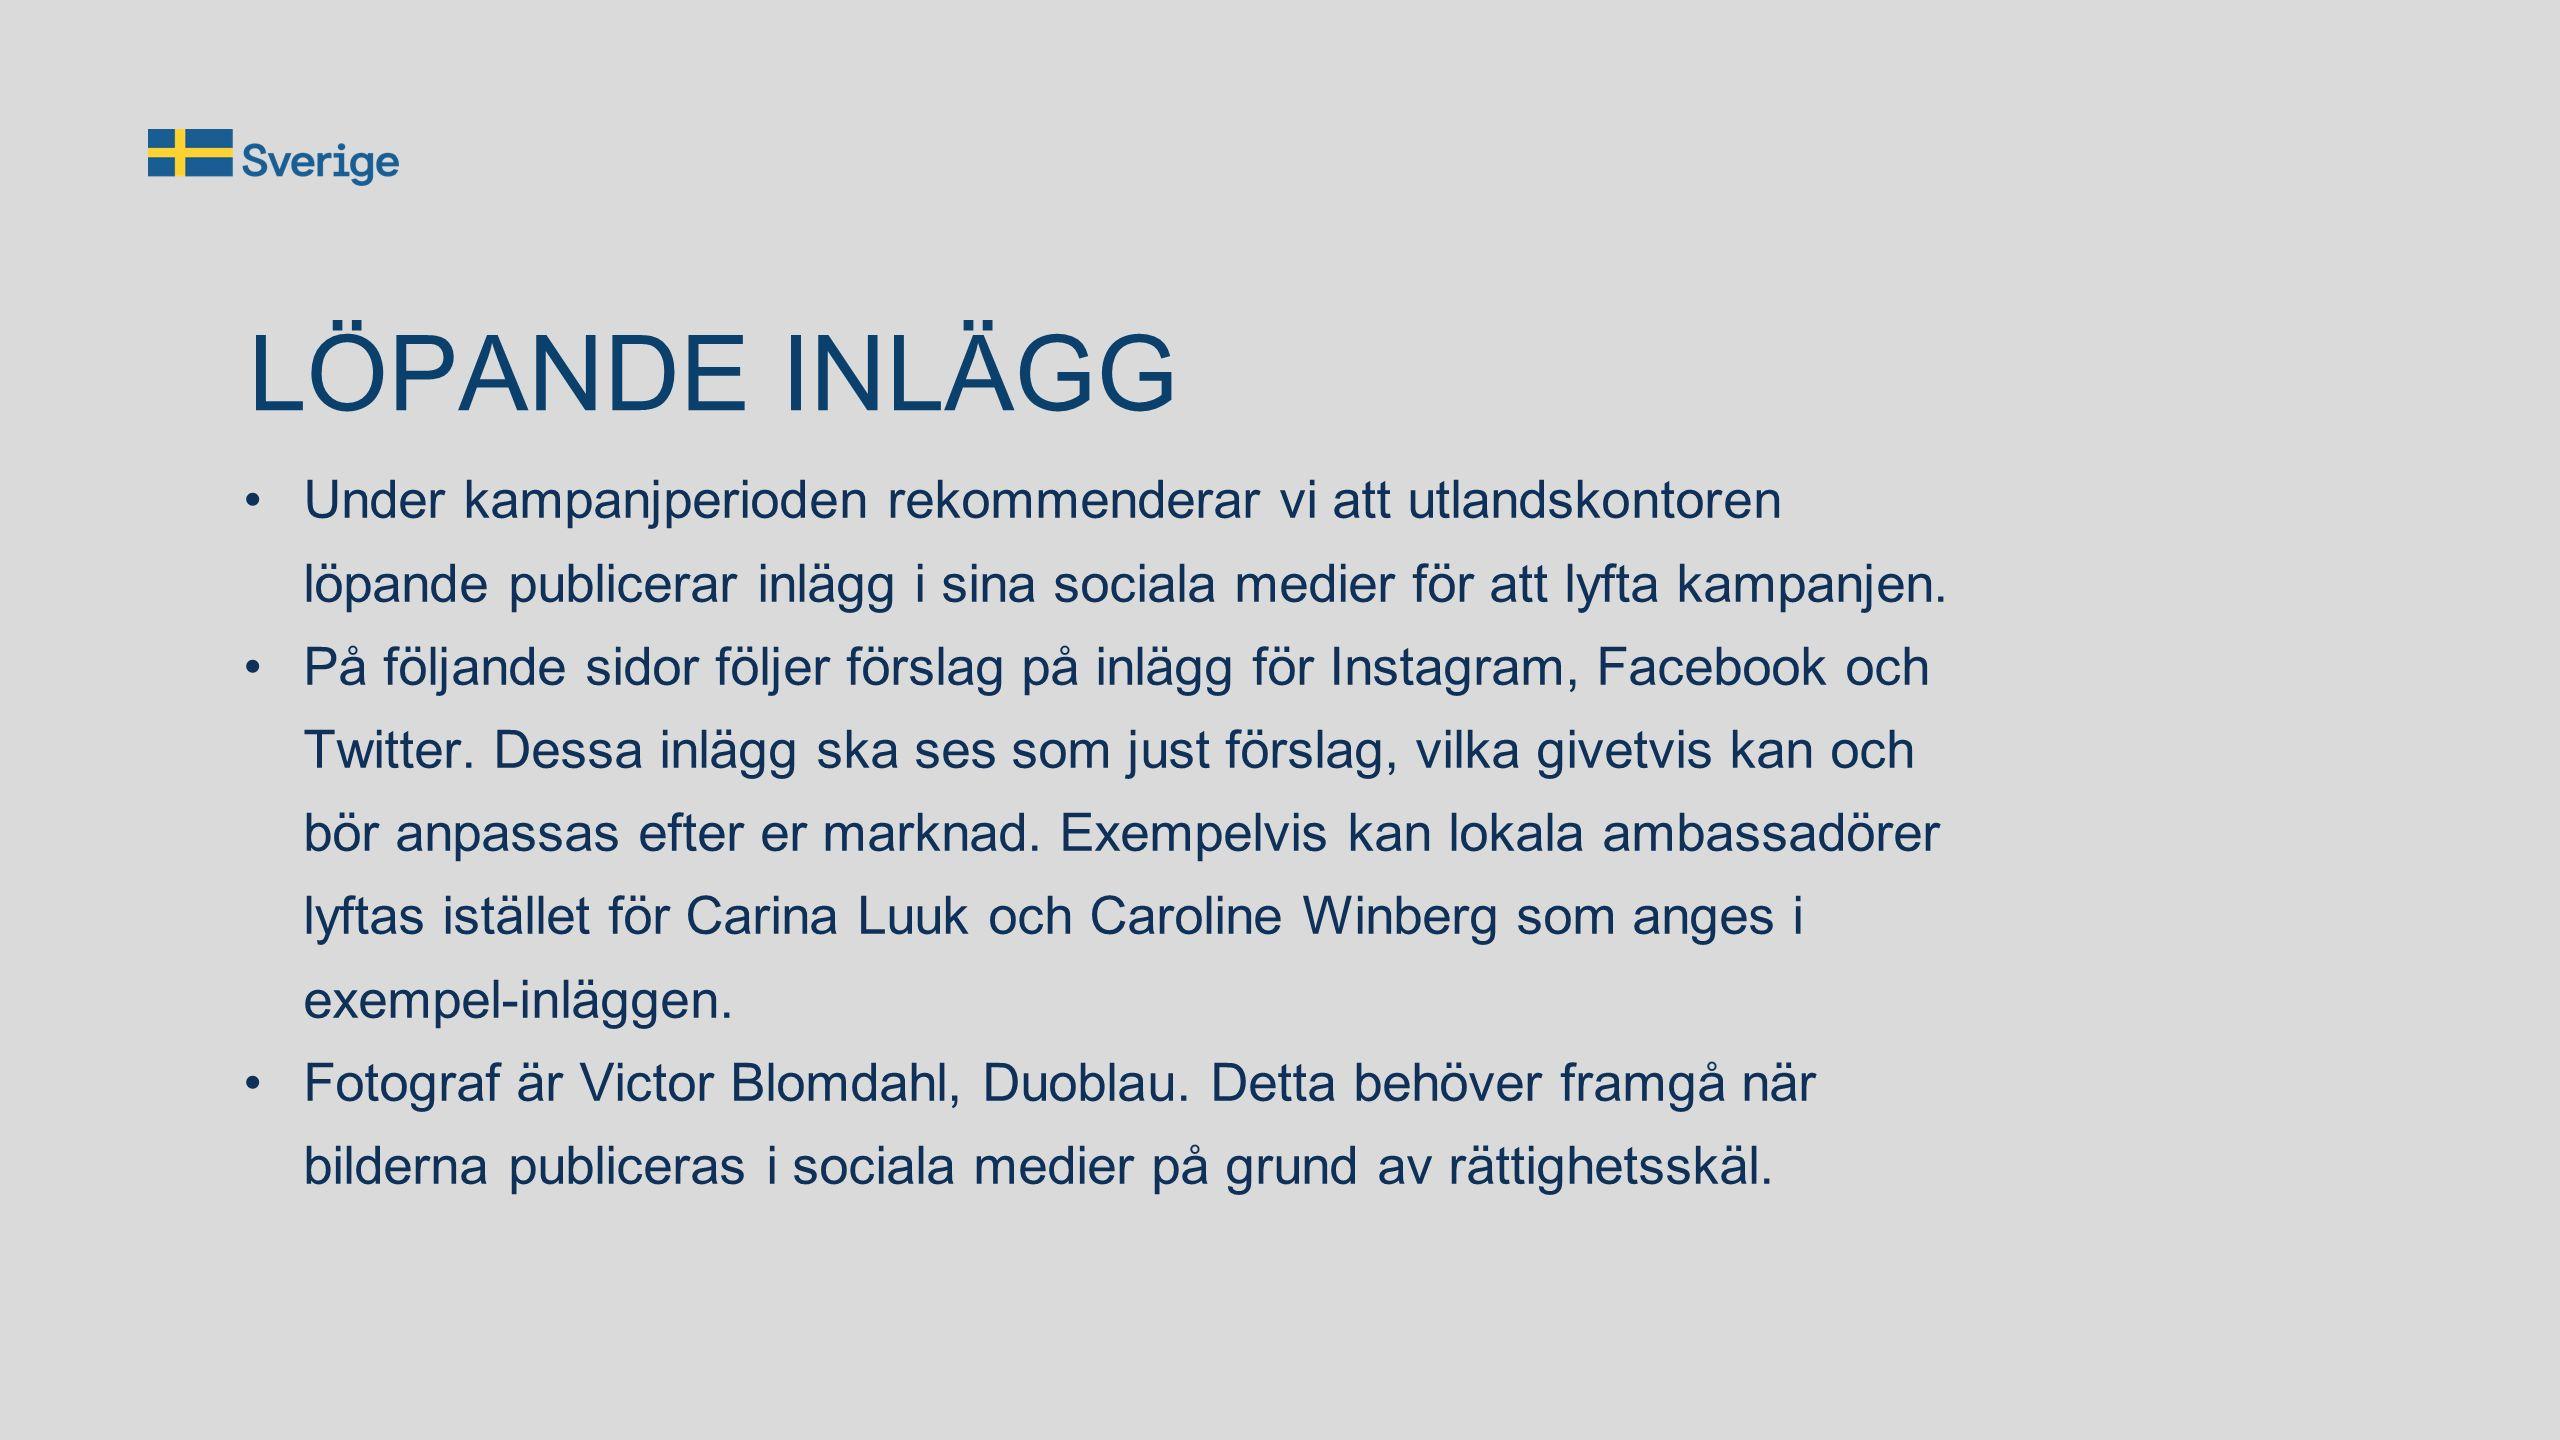 LÖPANDE INLÄGG Under kampanjperioden rekommenderar vi att utlandskontoren löpande publicerar inlägg i sina sociala medier för att lyfta kampanjen.